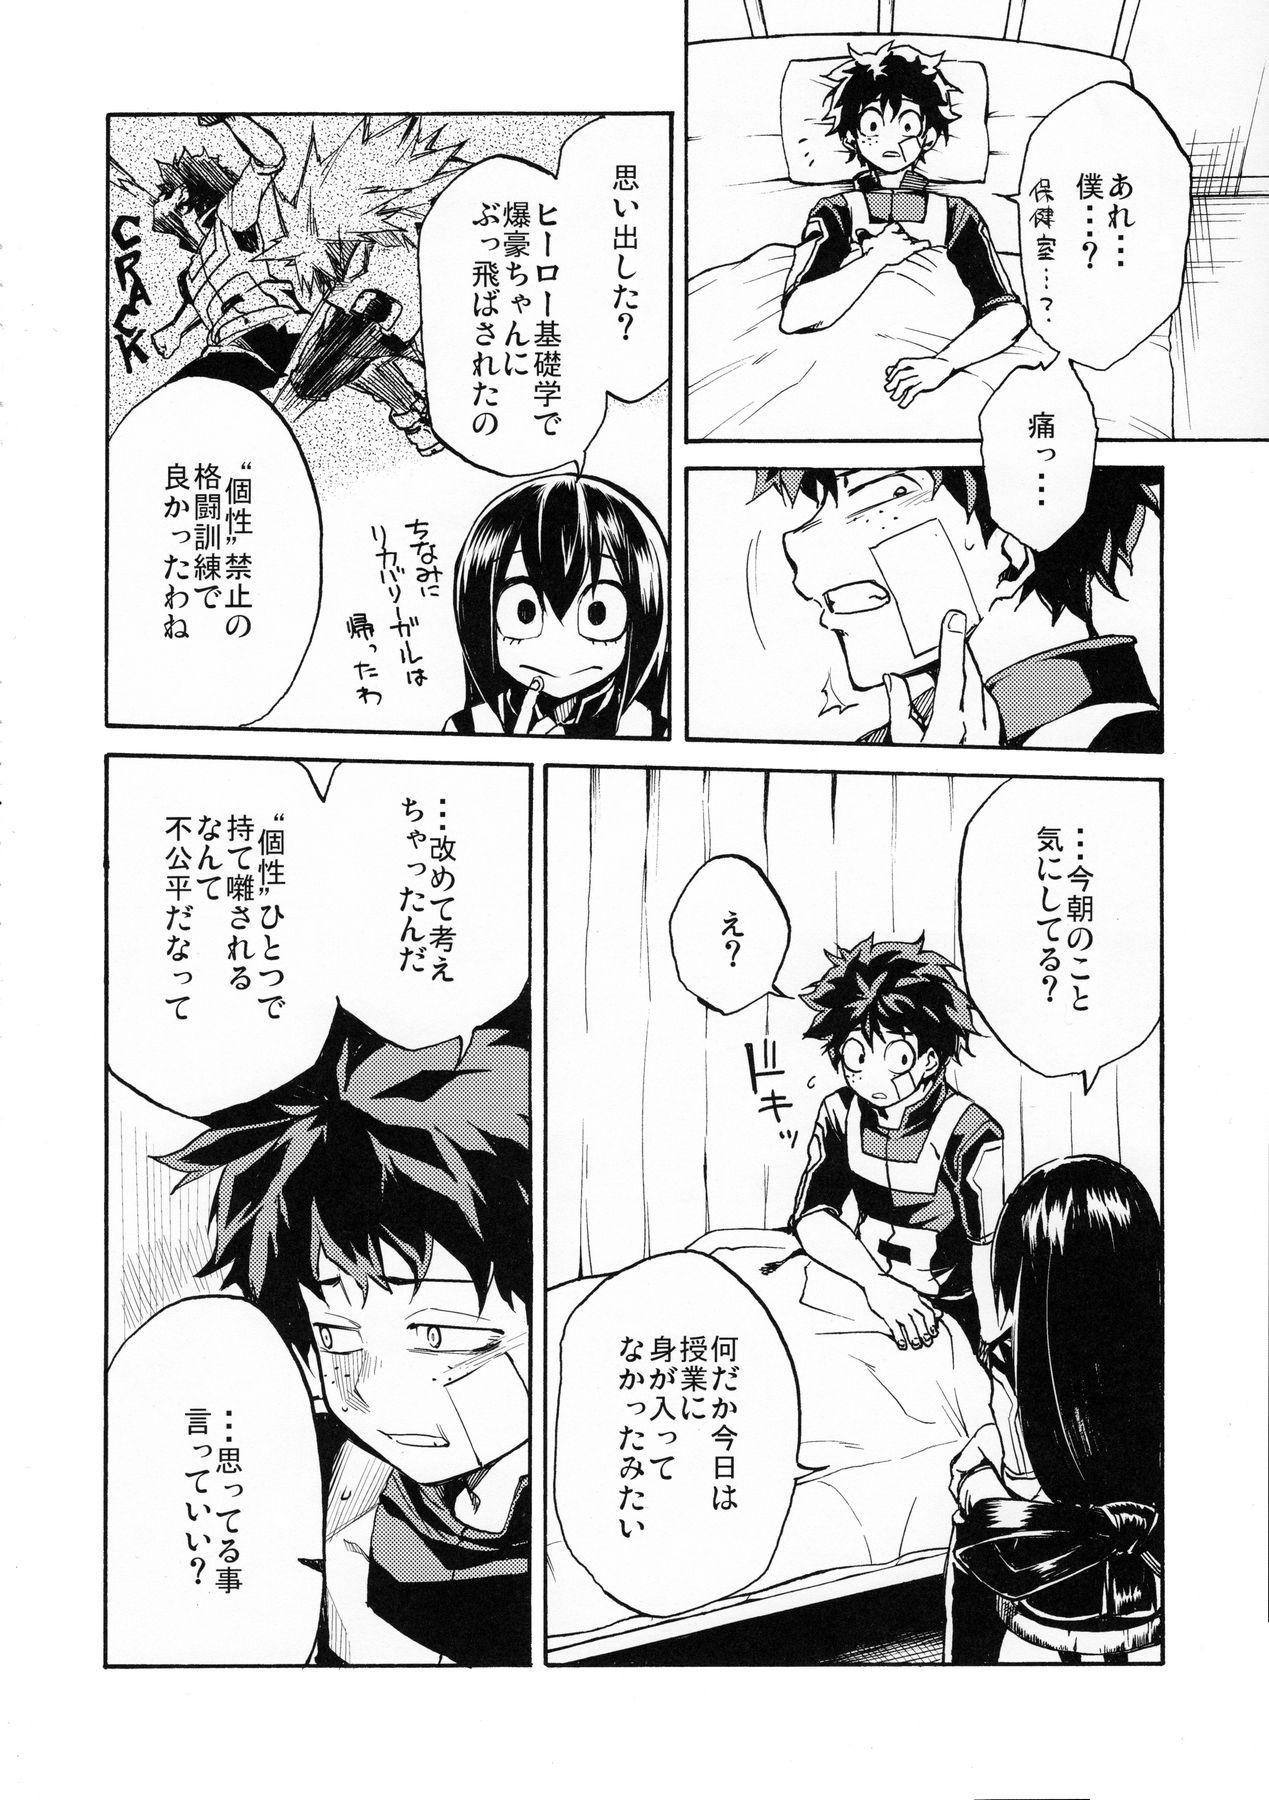 Ukiseikou hentai manga picture 5